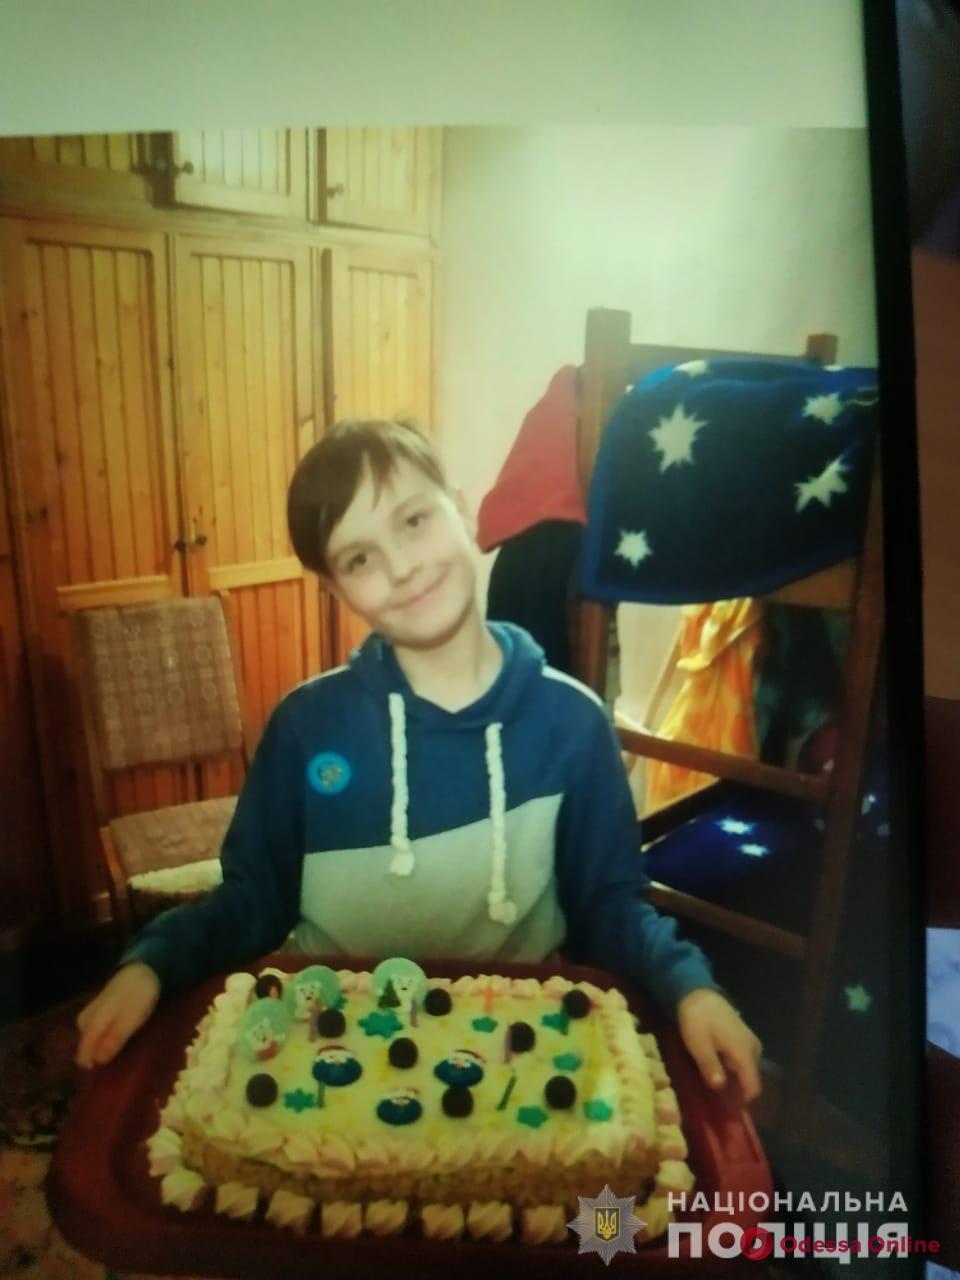 Внимание, розыск: в Овидиополе пропал 12-летний мальчик (обновлено)